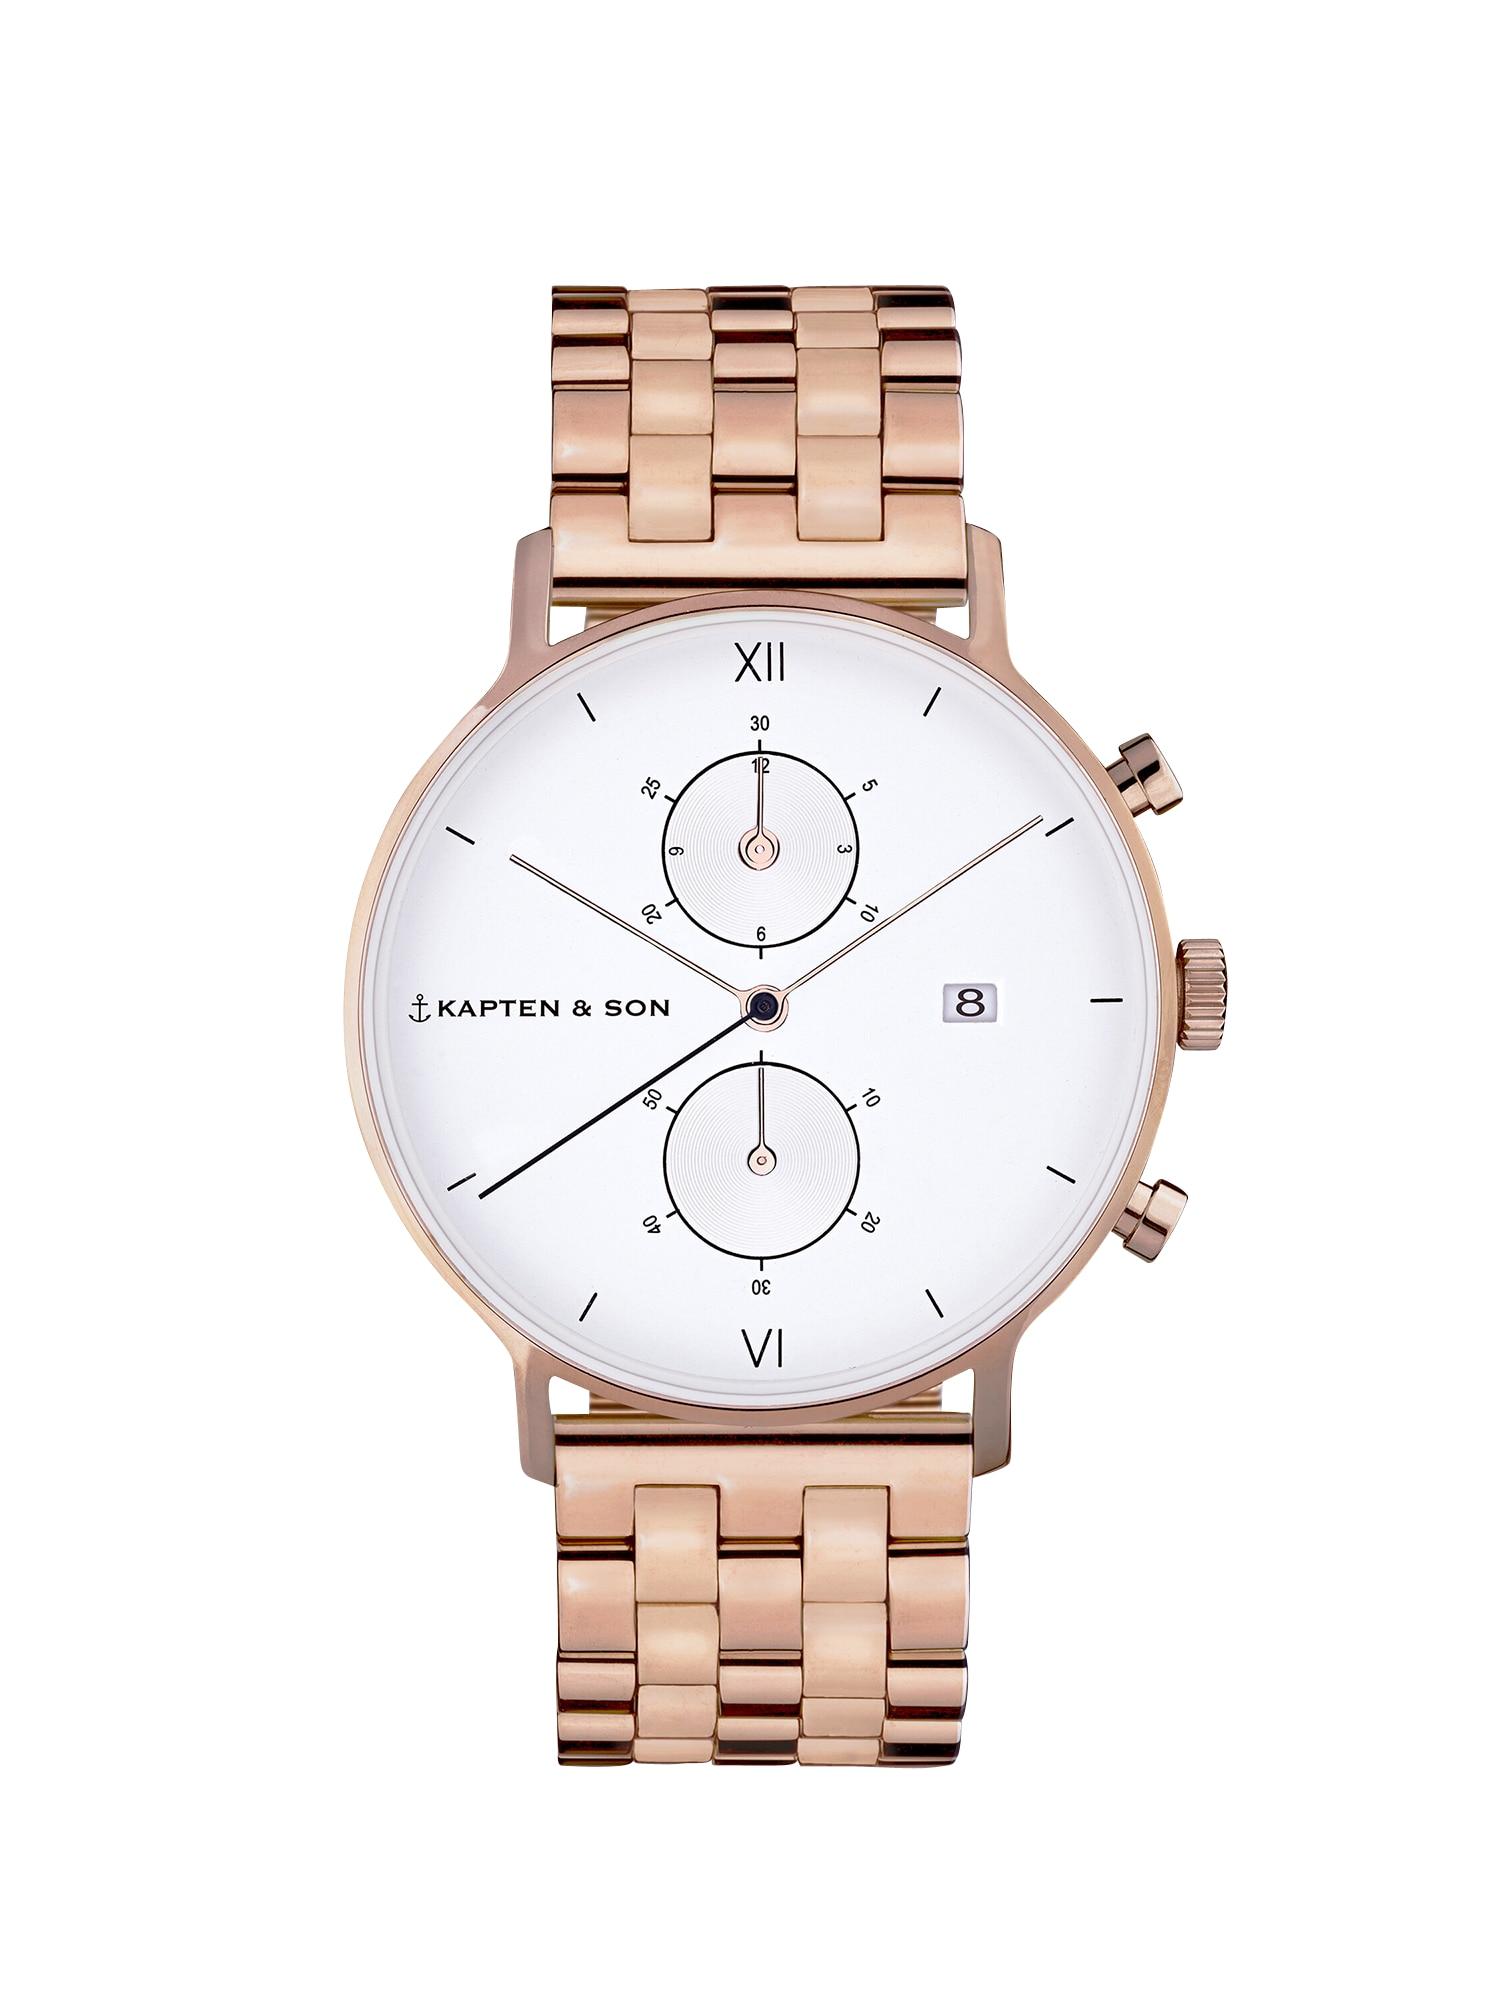 Kapten & Son Analoginis (įprastinio dizaino) laikrodis 'Small Chrono Steel' bronzinė